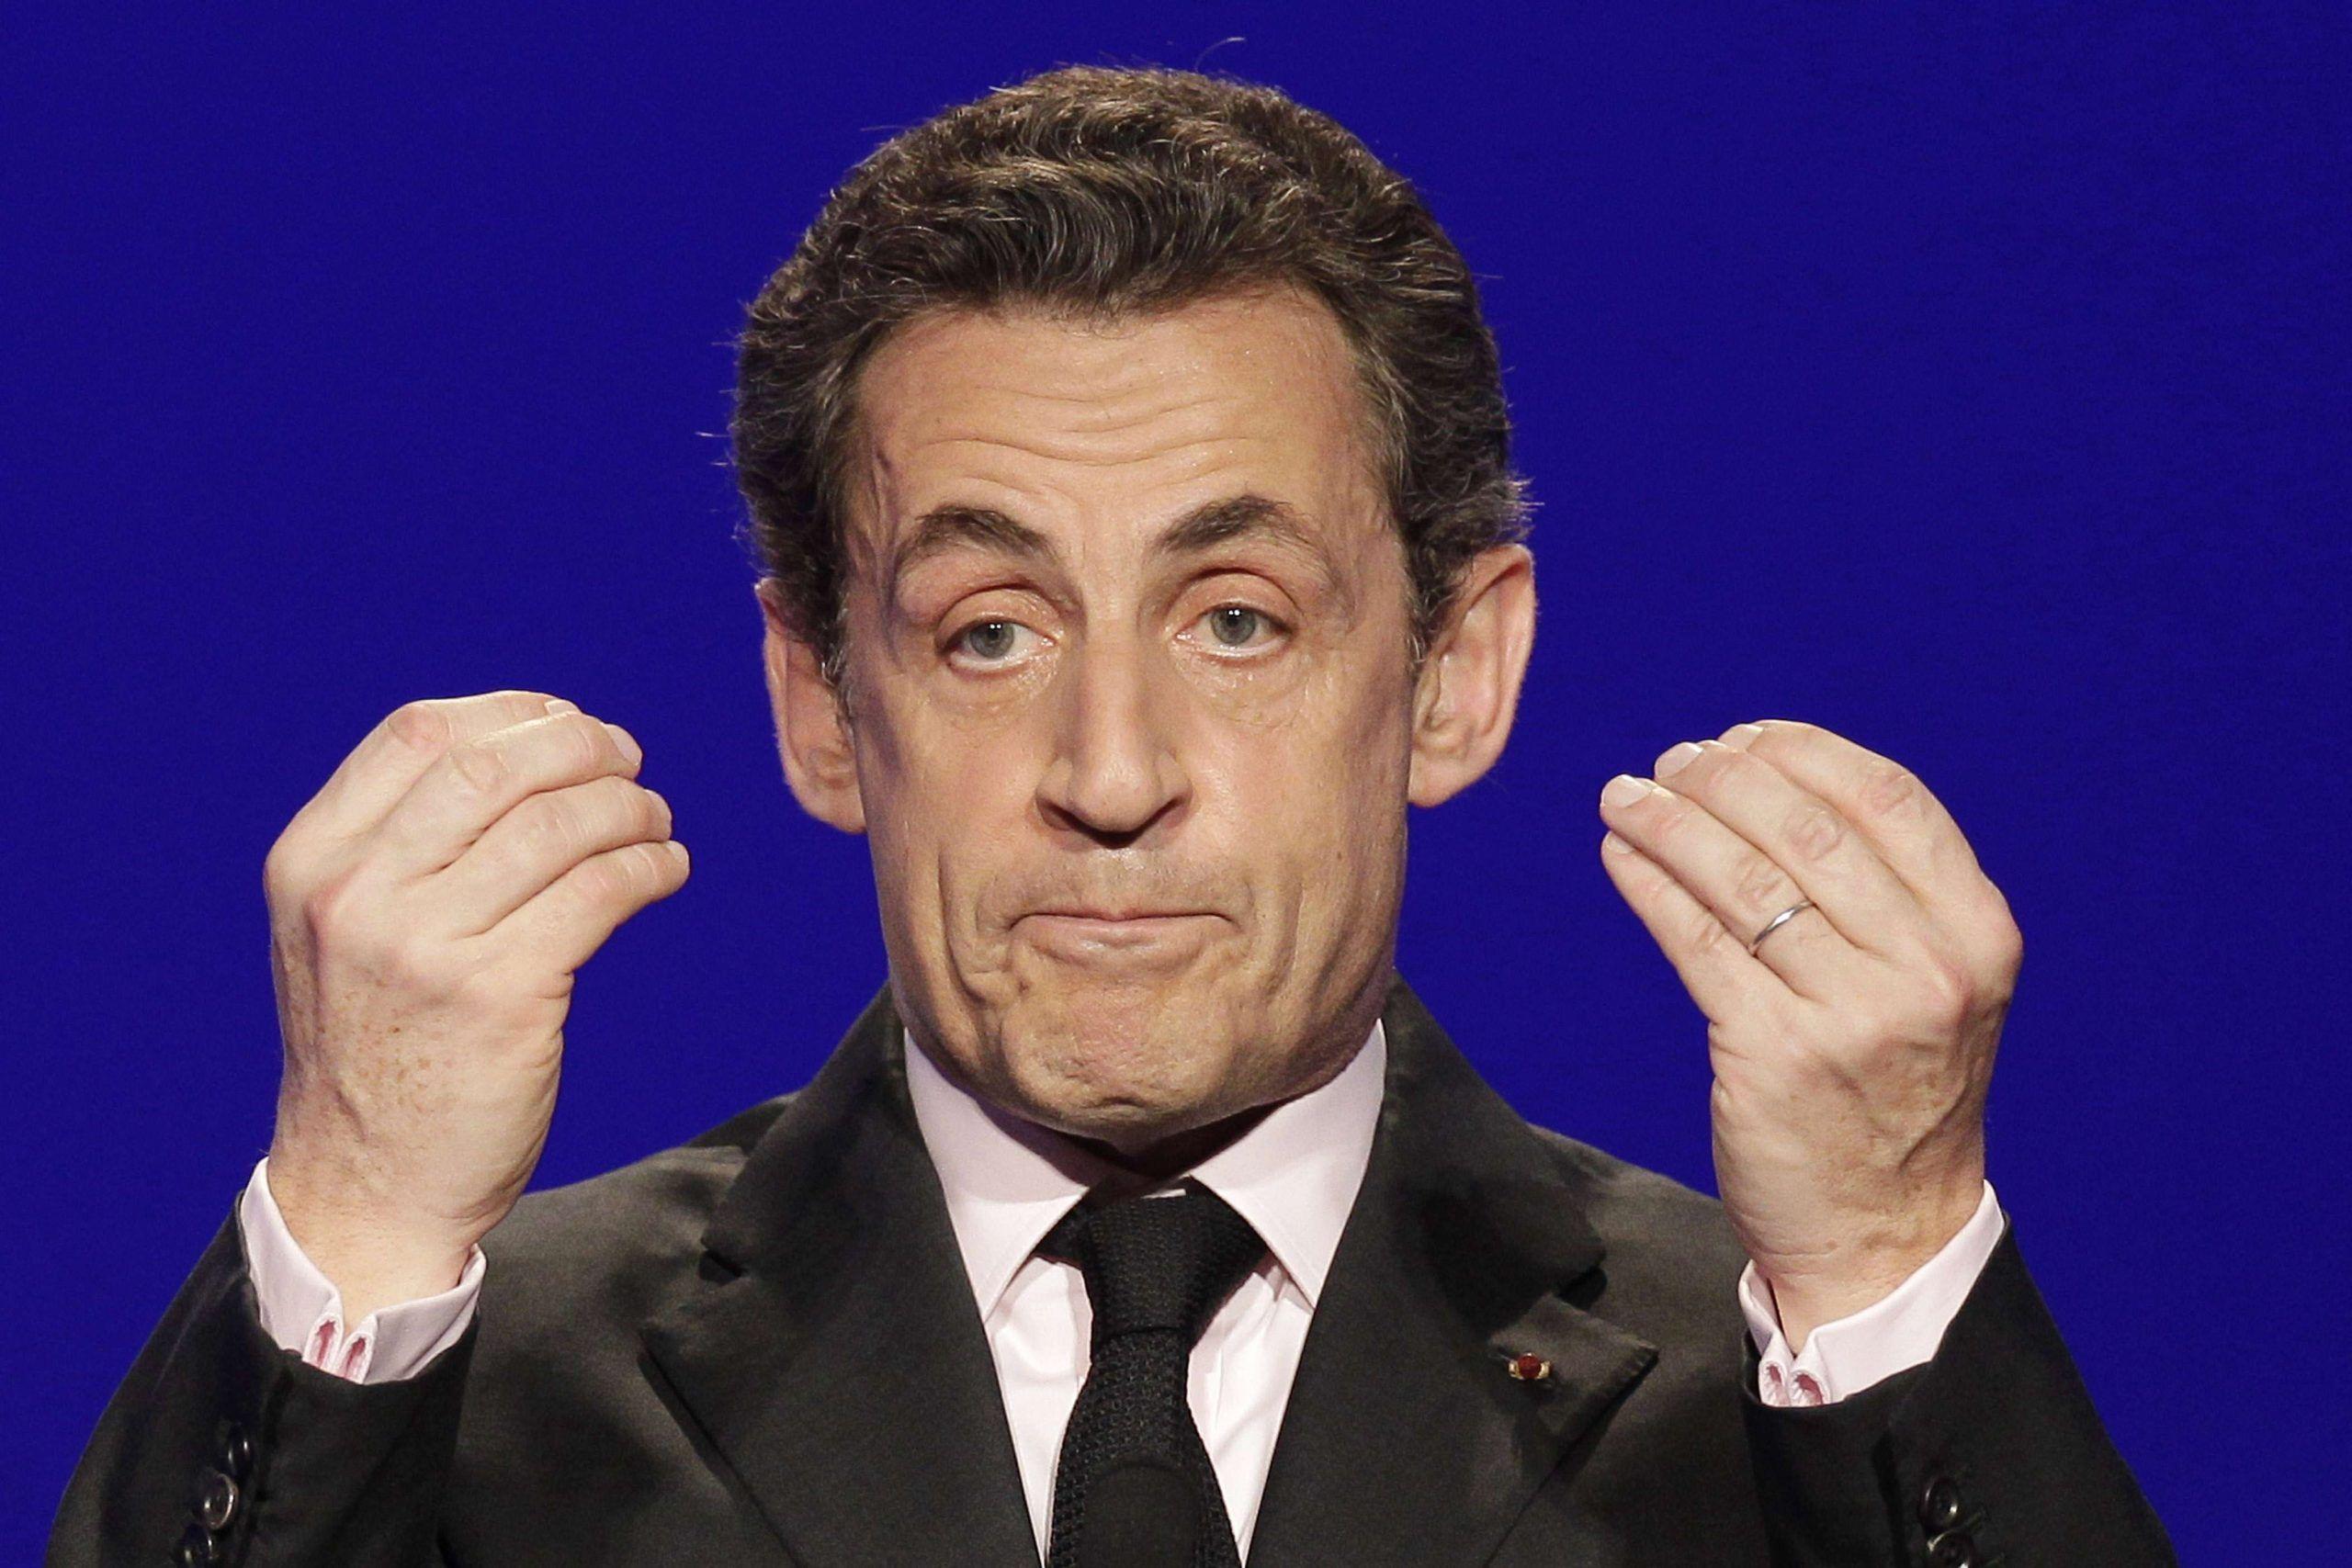 Perché Nicolas Sarkozy è stato arrestato per concussione